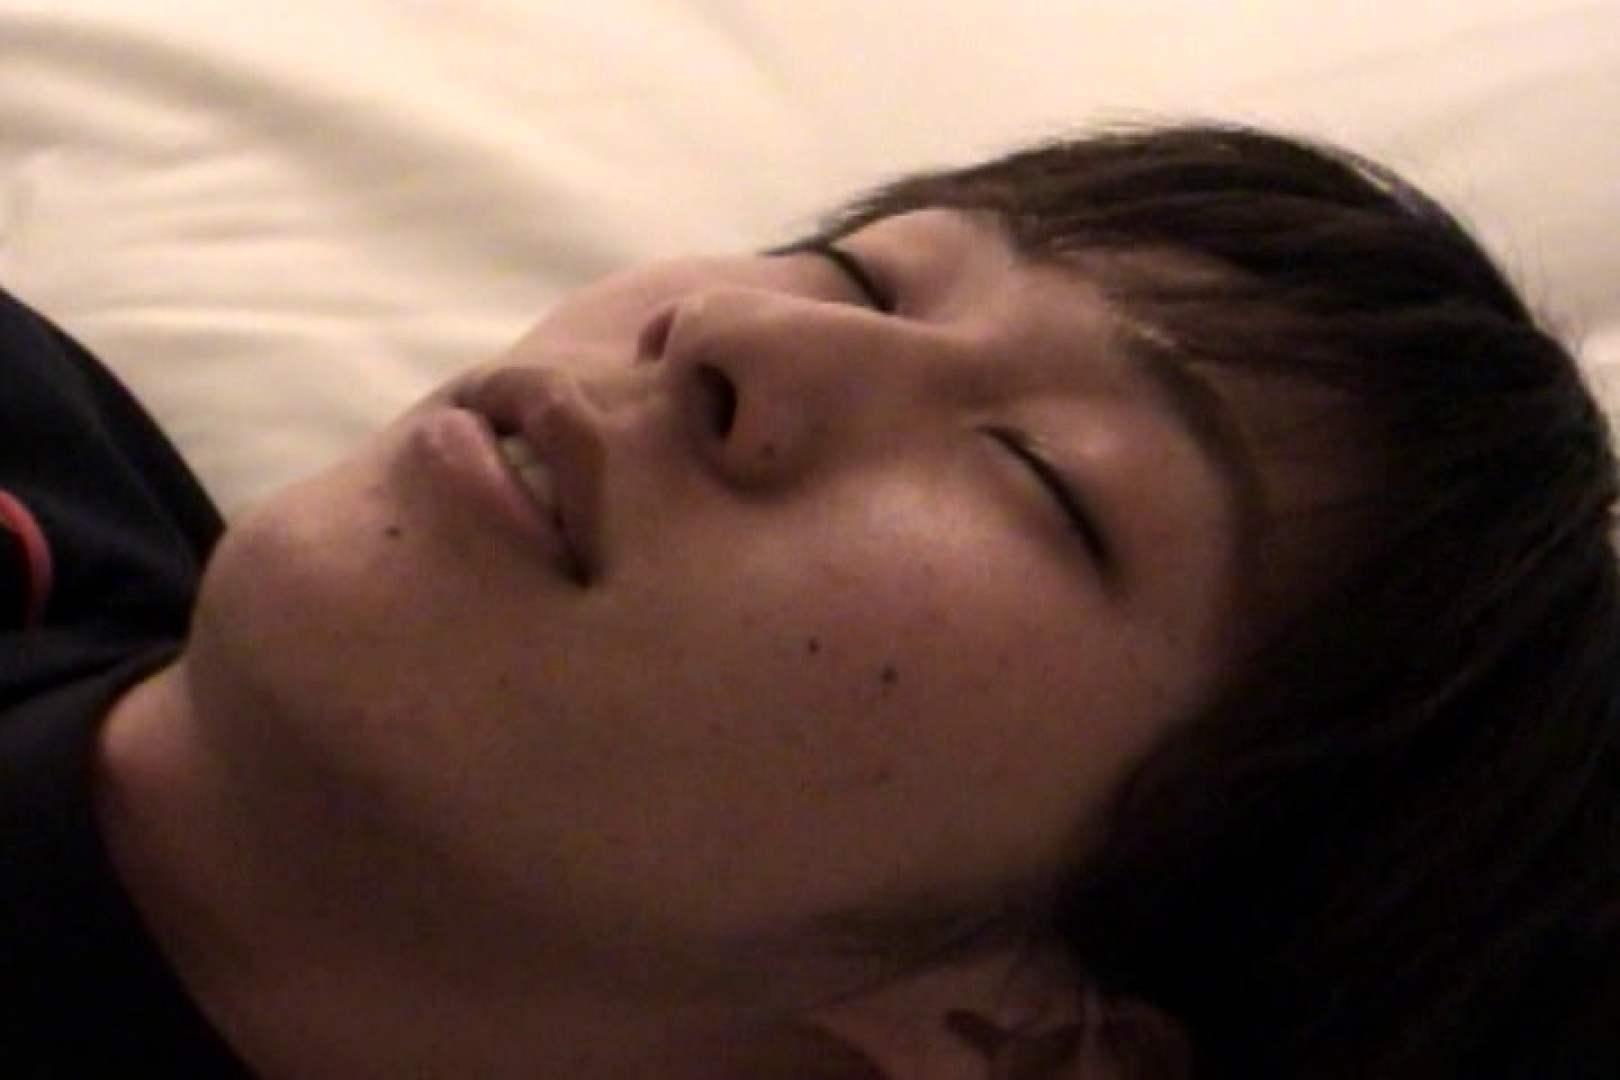 三ツ星シリーズ 魅惑のMemorial Night!! vol.01 ノンケまつり ゲイAV画像 78枚 66